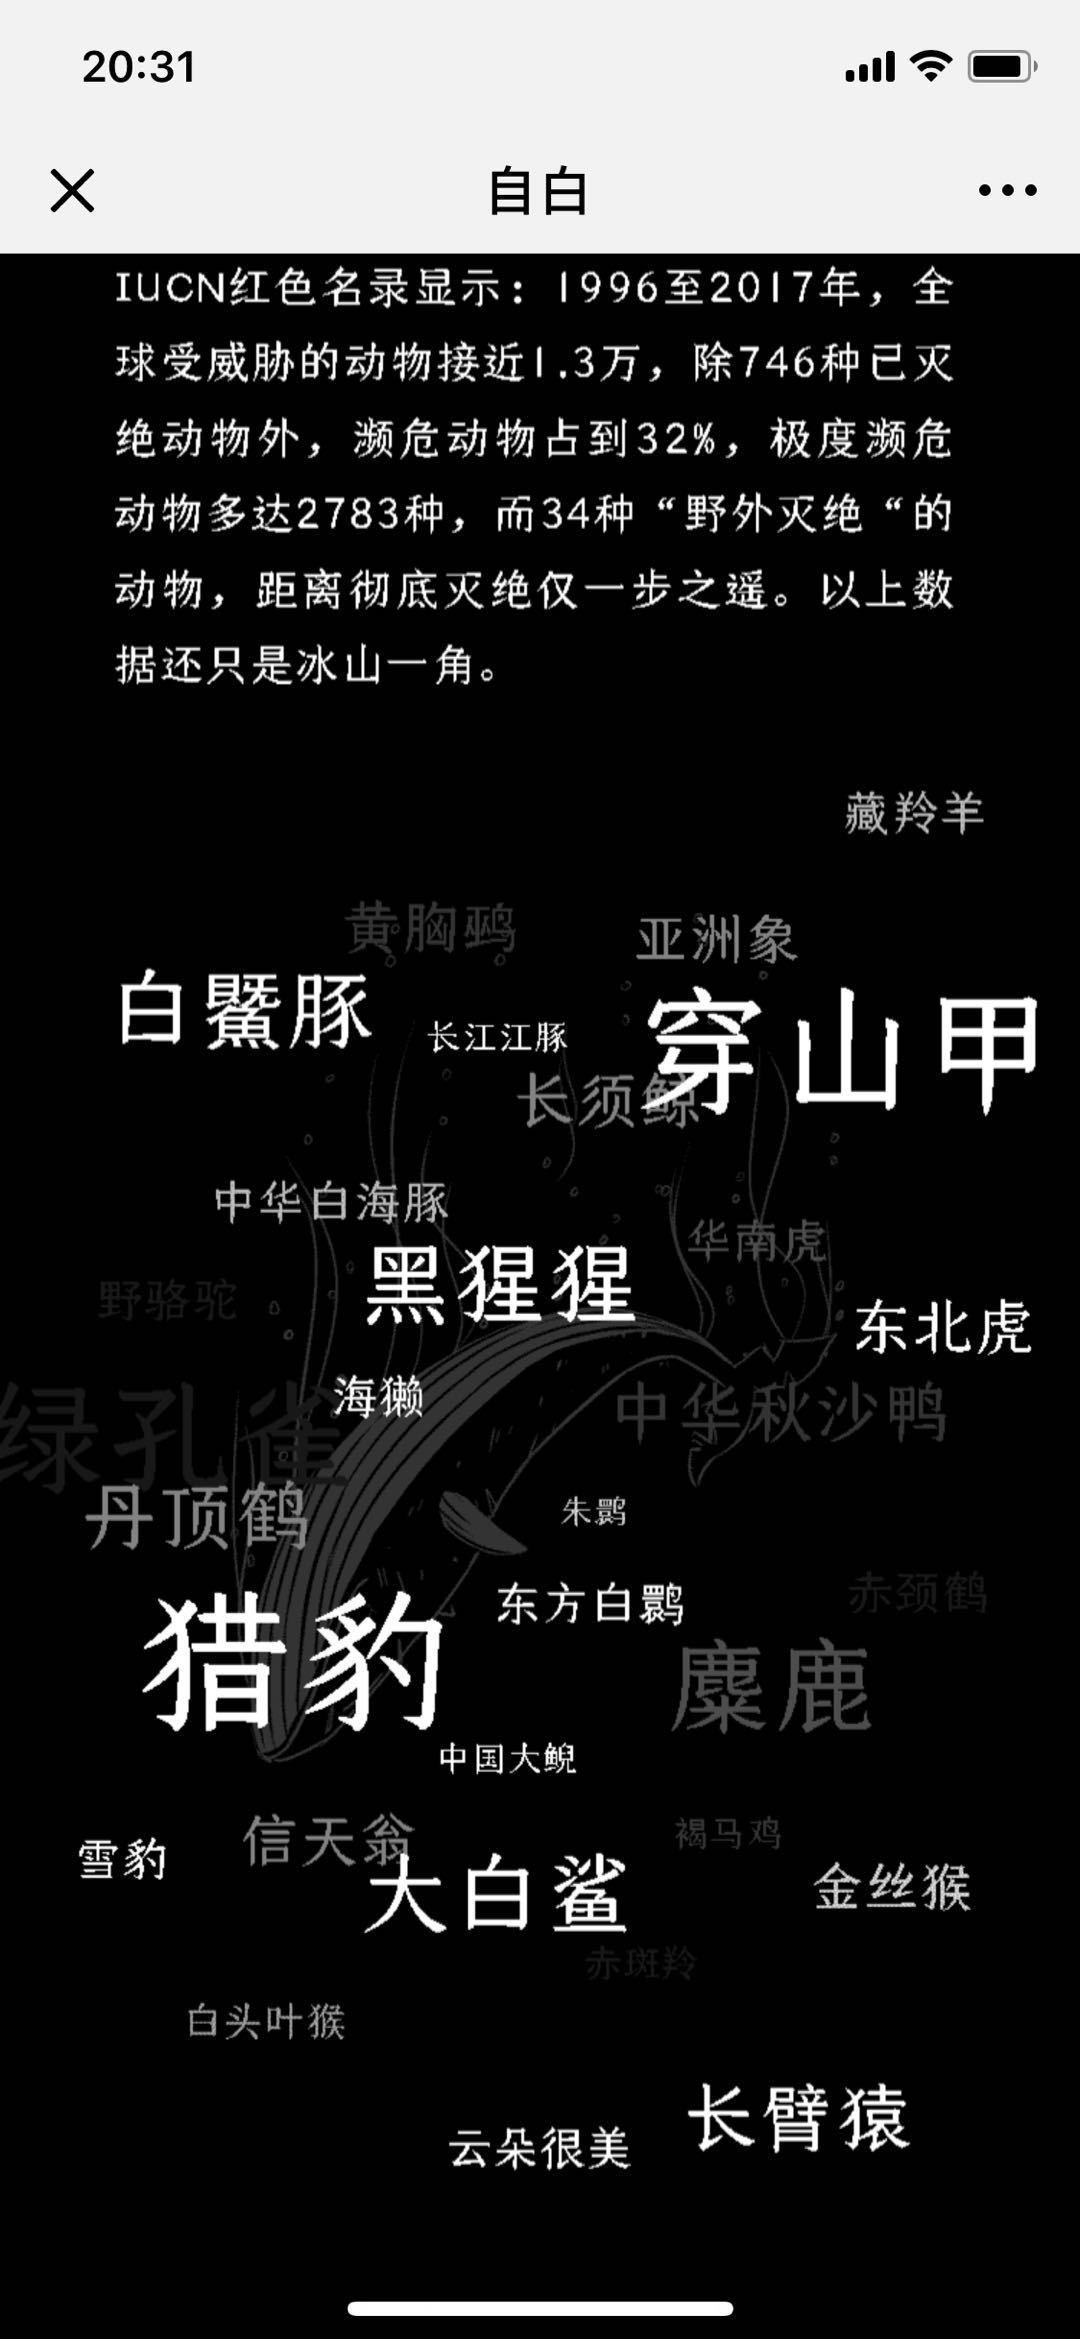 永利游戏网址 4